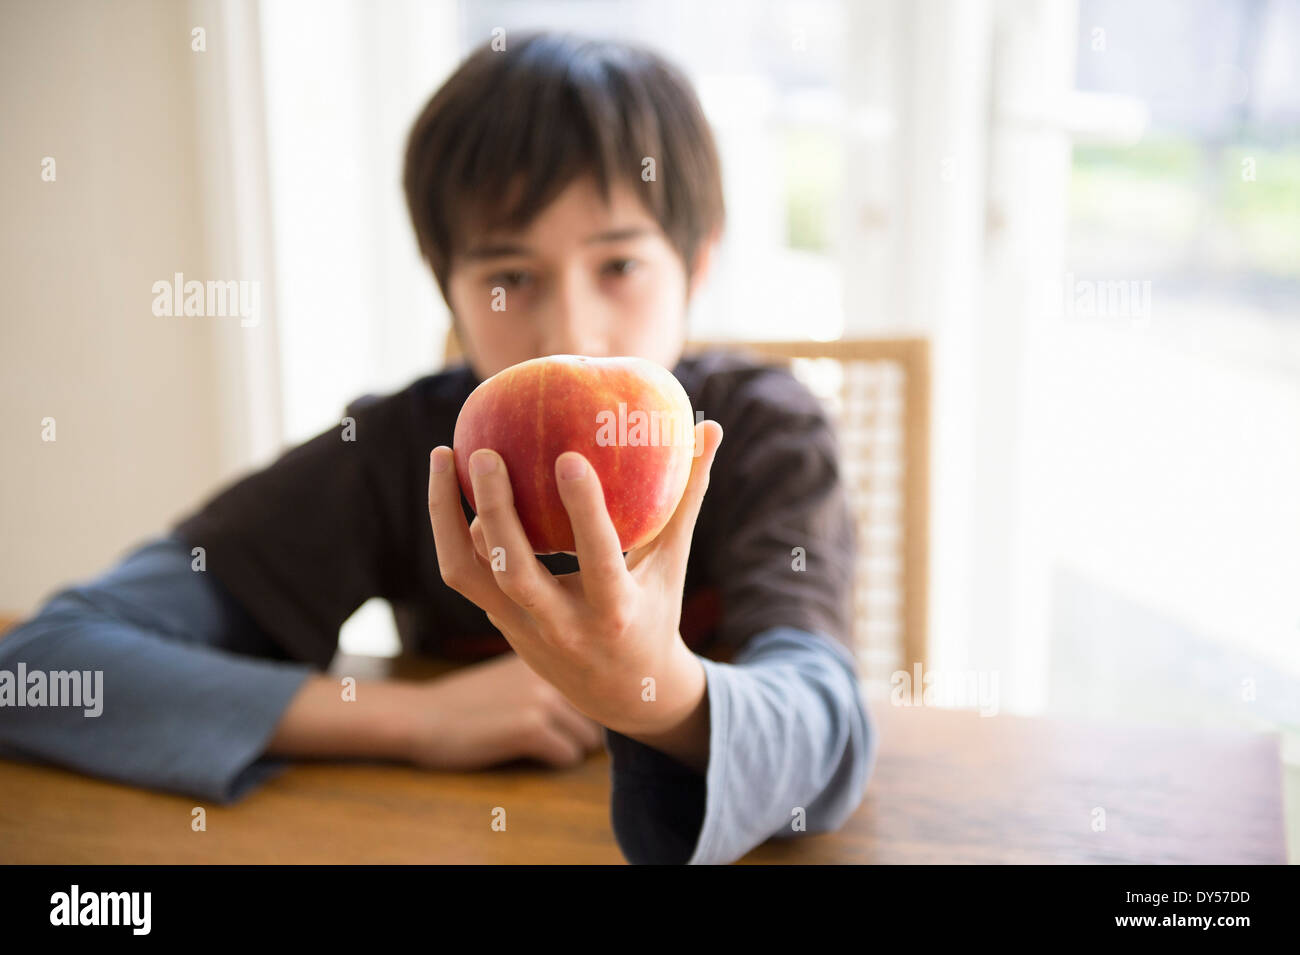 Junge sitzt am Tisch, hält Apfel vor ihm Stockbild